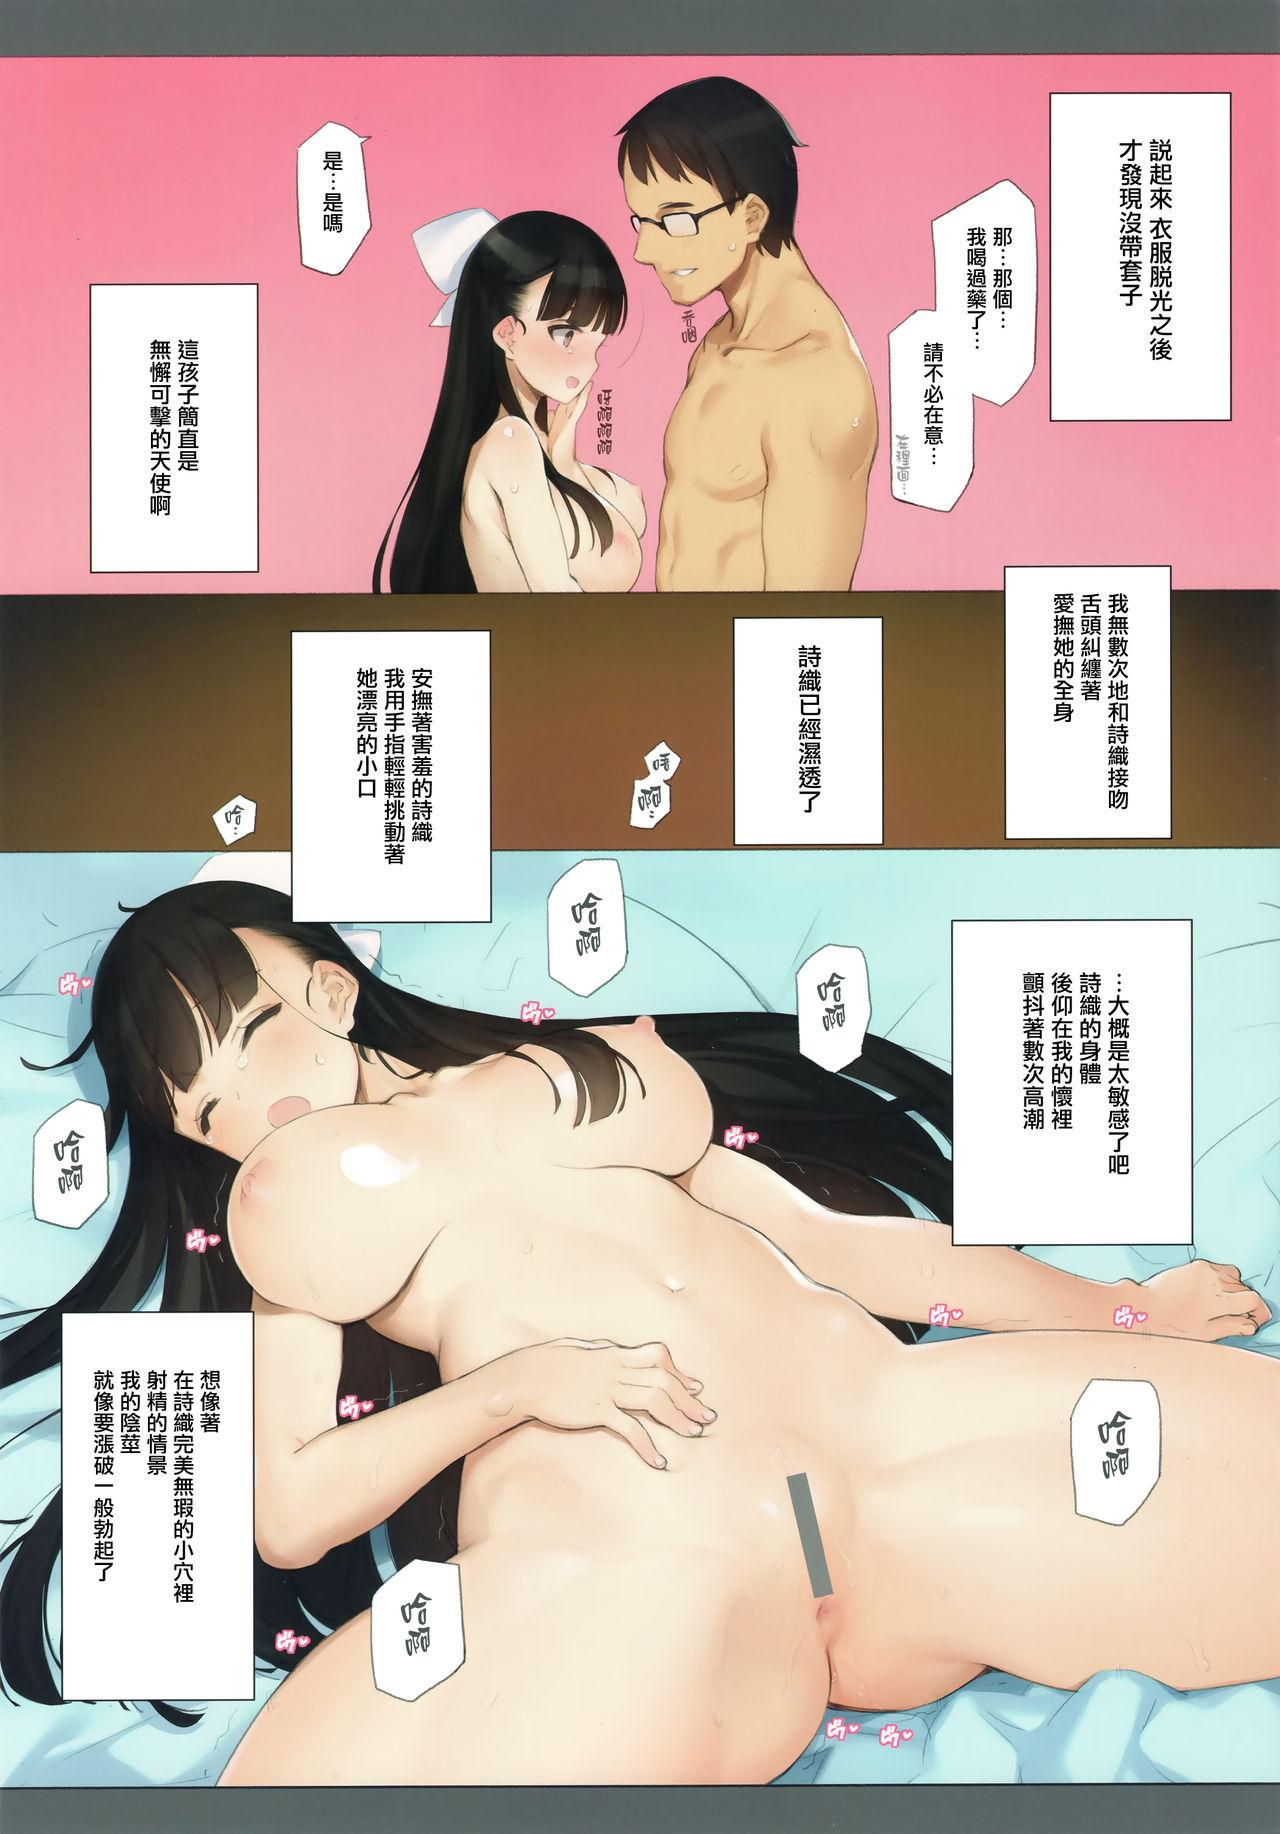 Uchi no Meishimai ga Yuuwaku Shite Kuru 10